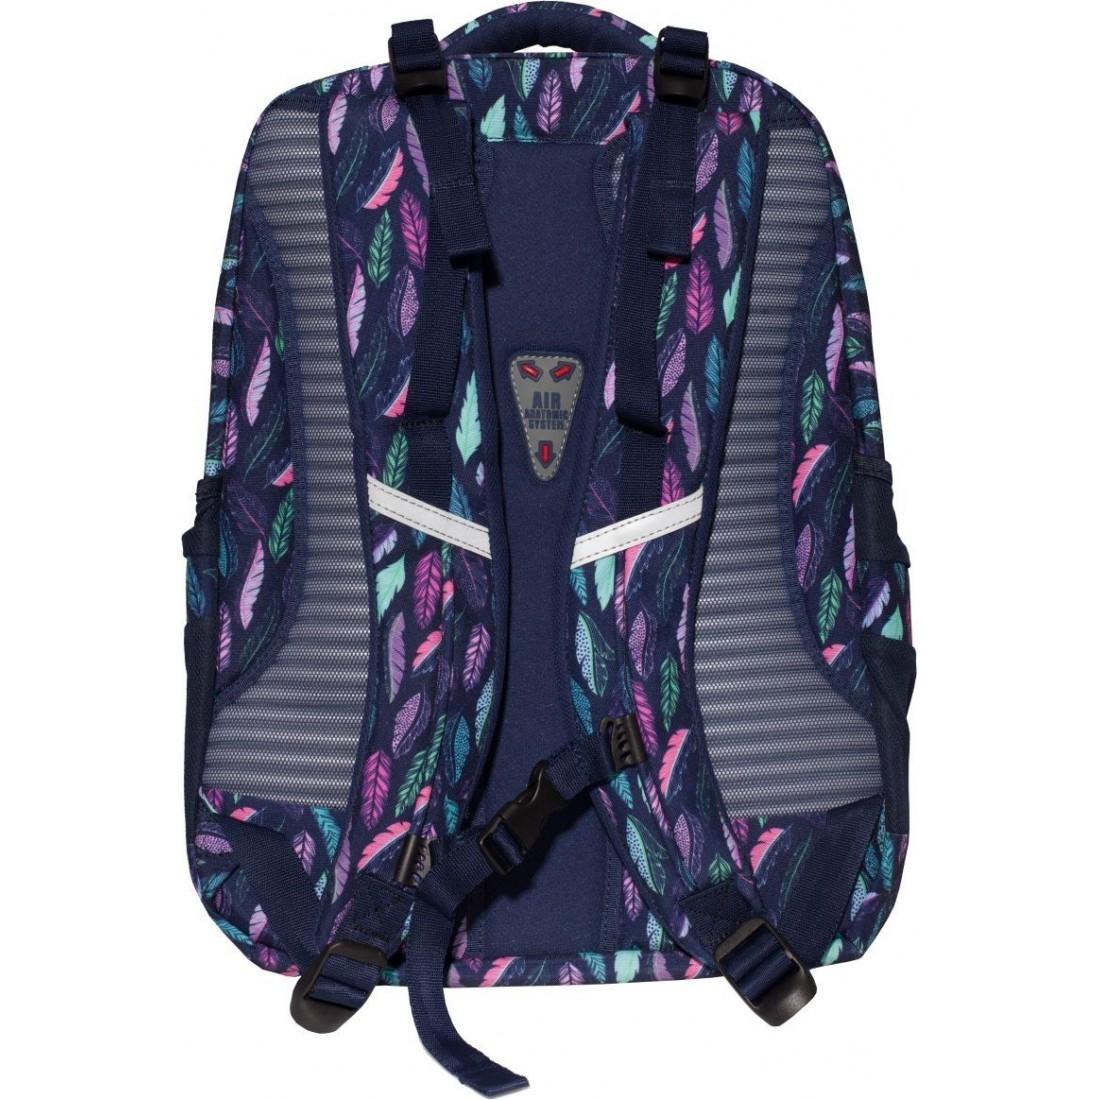 1575dea03d156 Plecak do szkoły - miętowe i różowe pióra - Feathers TOP-2000 Vela - plecak -tornister.pl